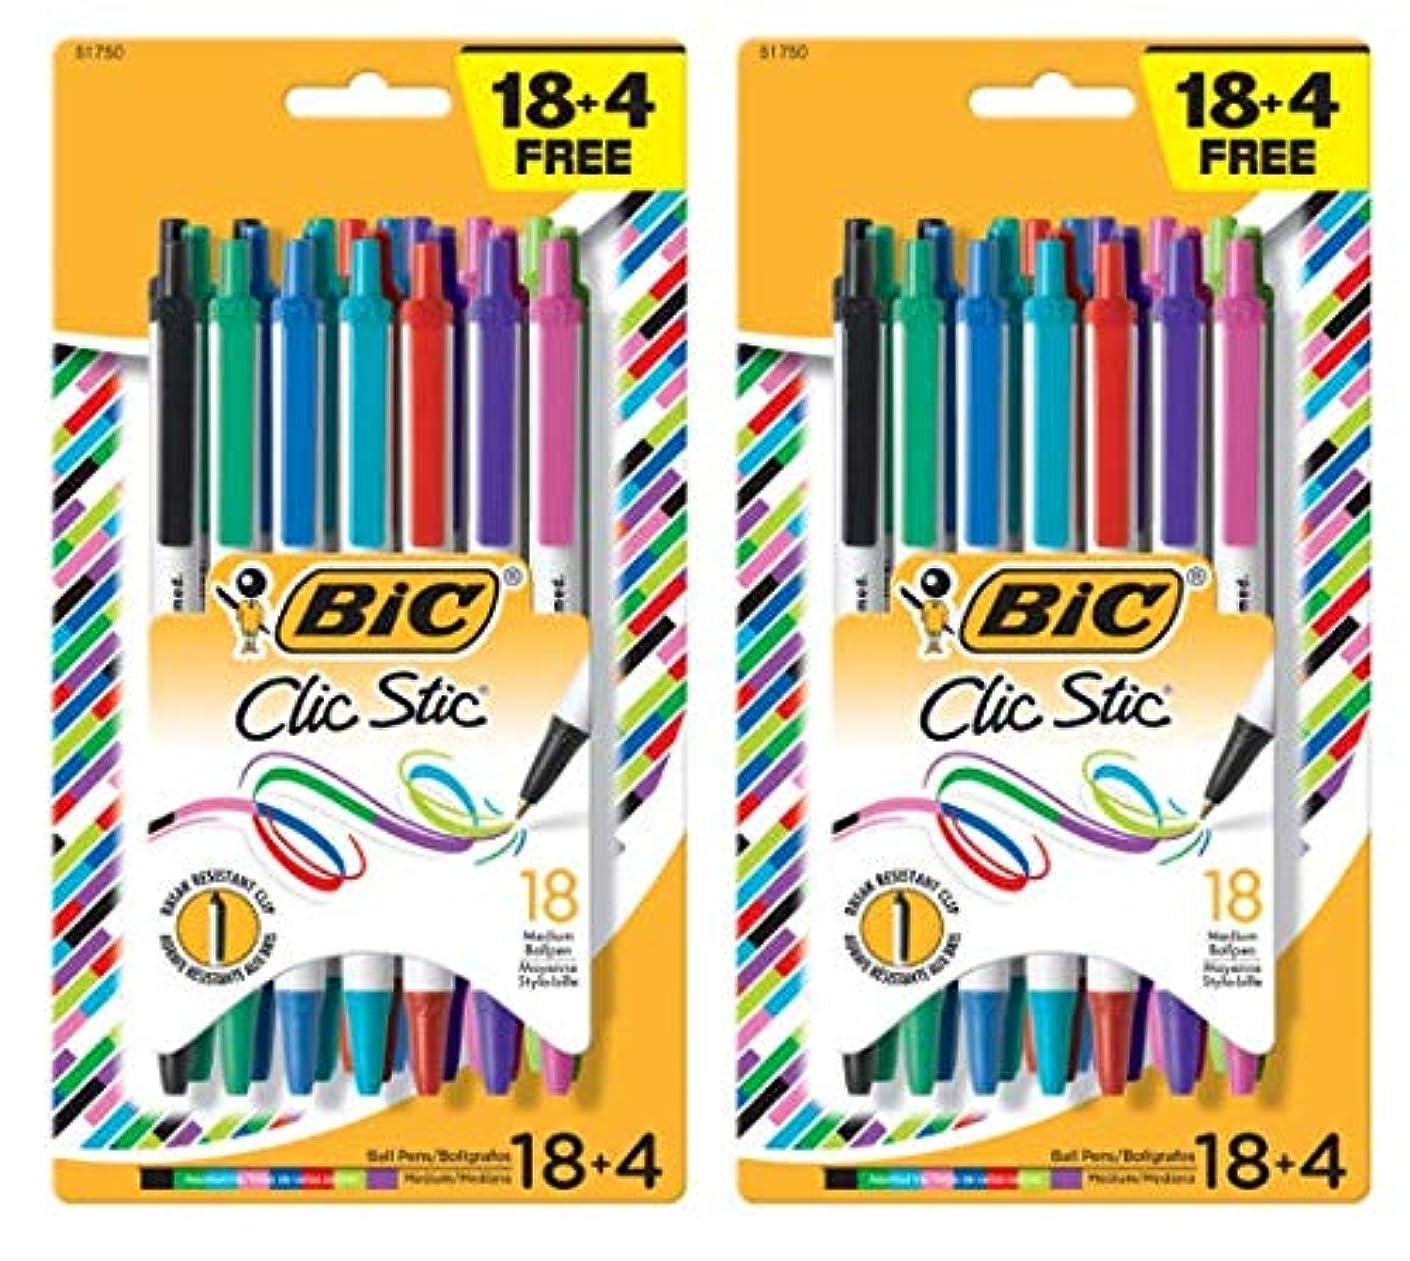 BIC Clic Stic Ball Pens Medium Assorted Colors 18+4 (2 Pack) 44 pens total